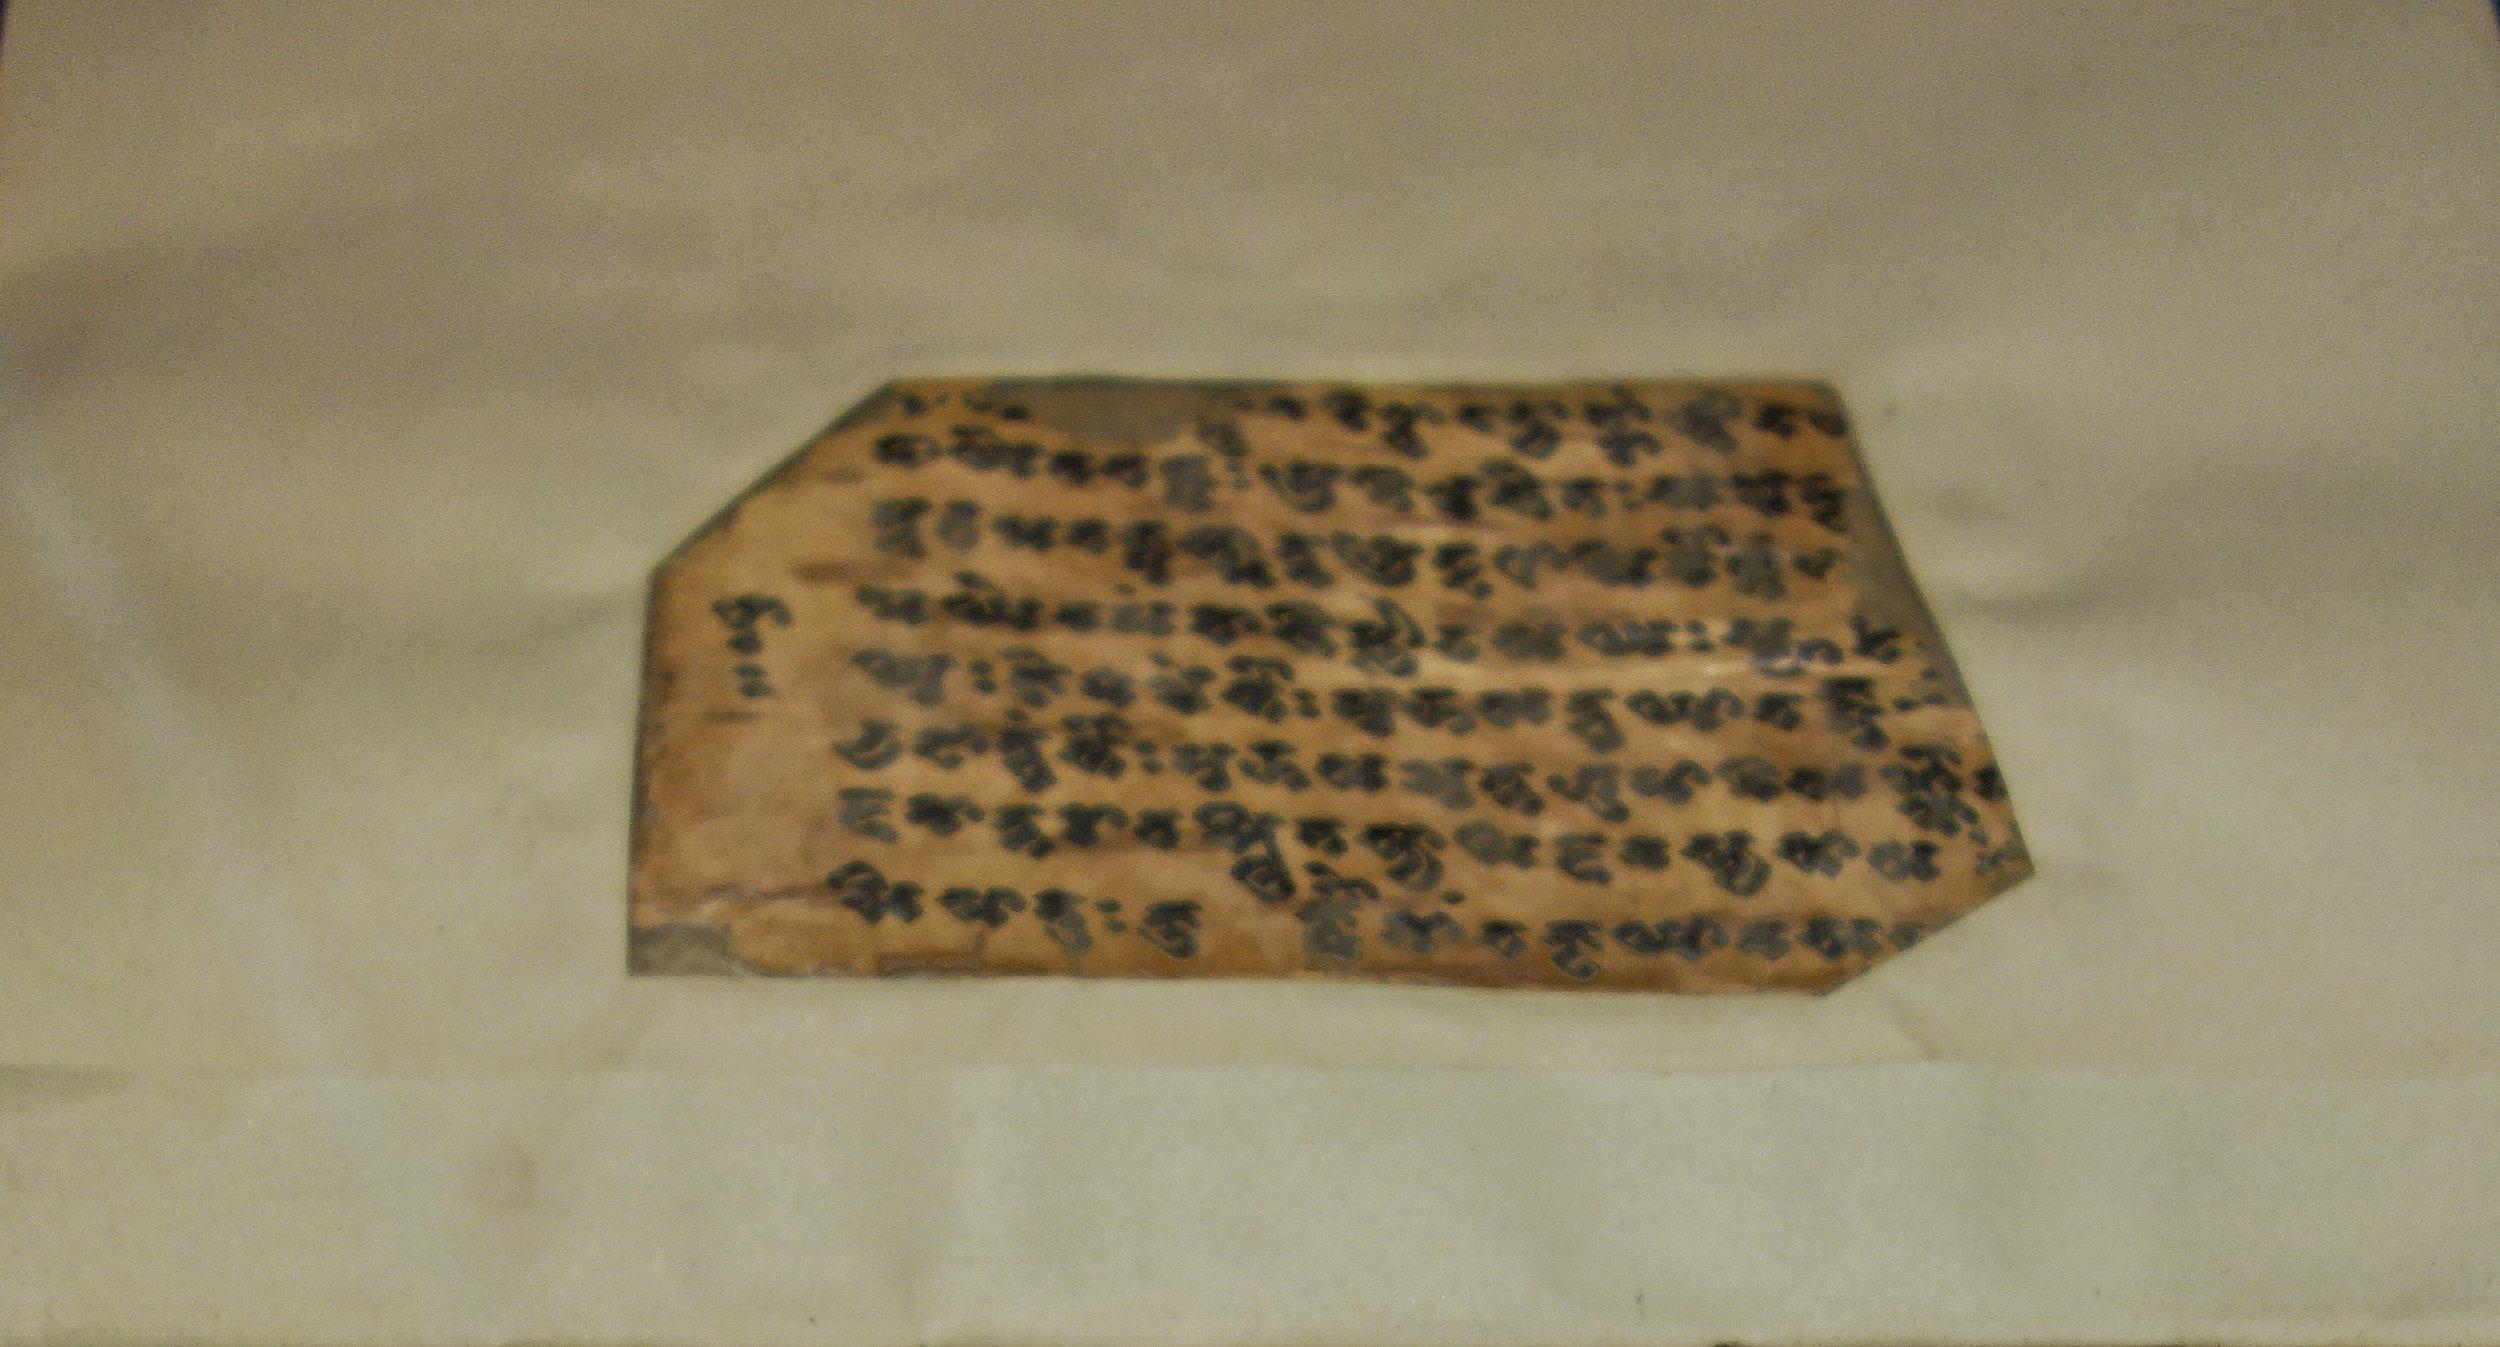 gilgitmanuscript-spsmuseum-srinagar-kashmir